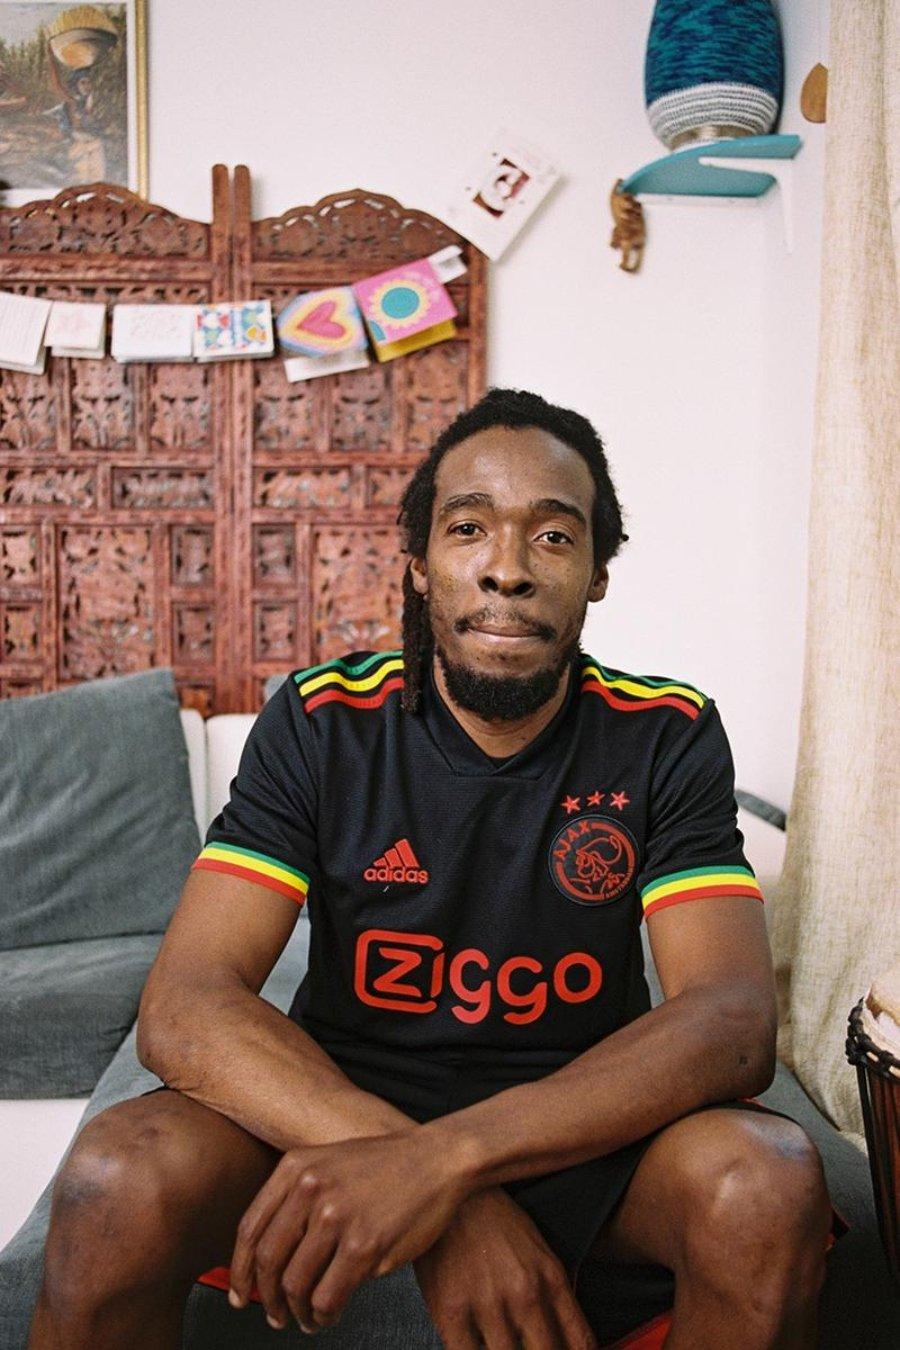 Ajax x adidas Football x Bob Marley